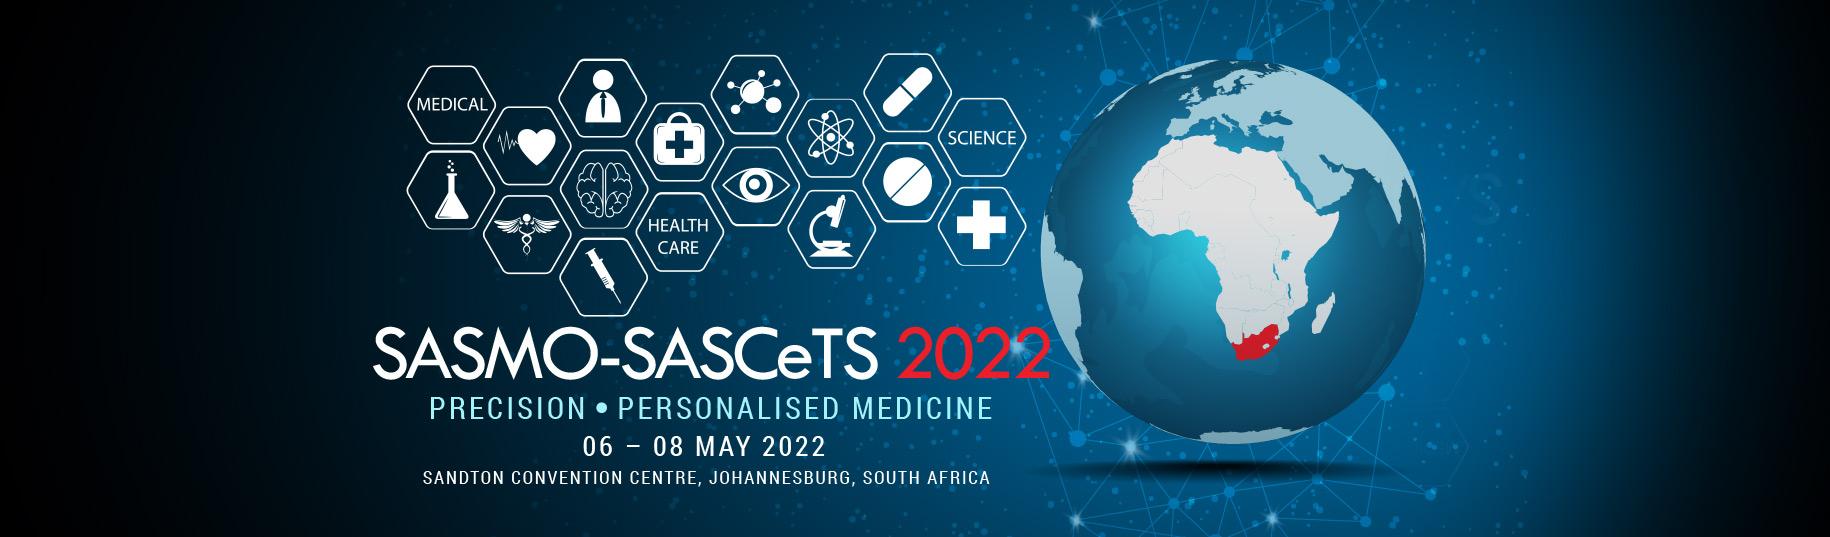 SASMO/SASCeTS 2022